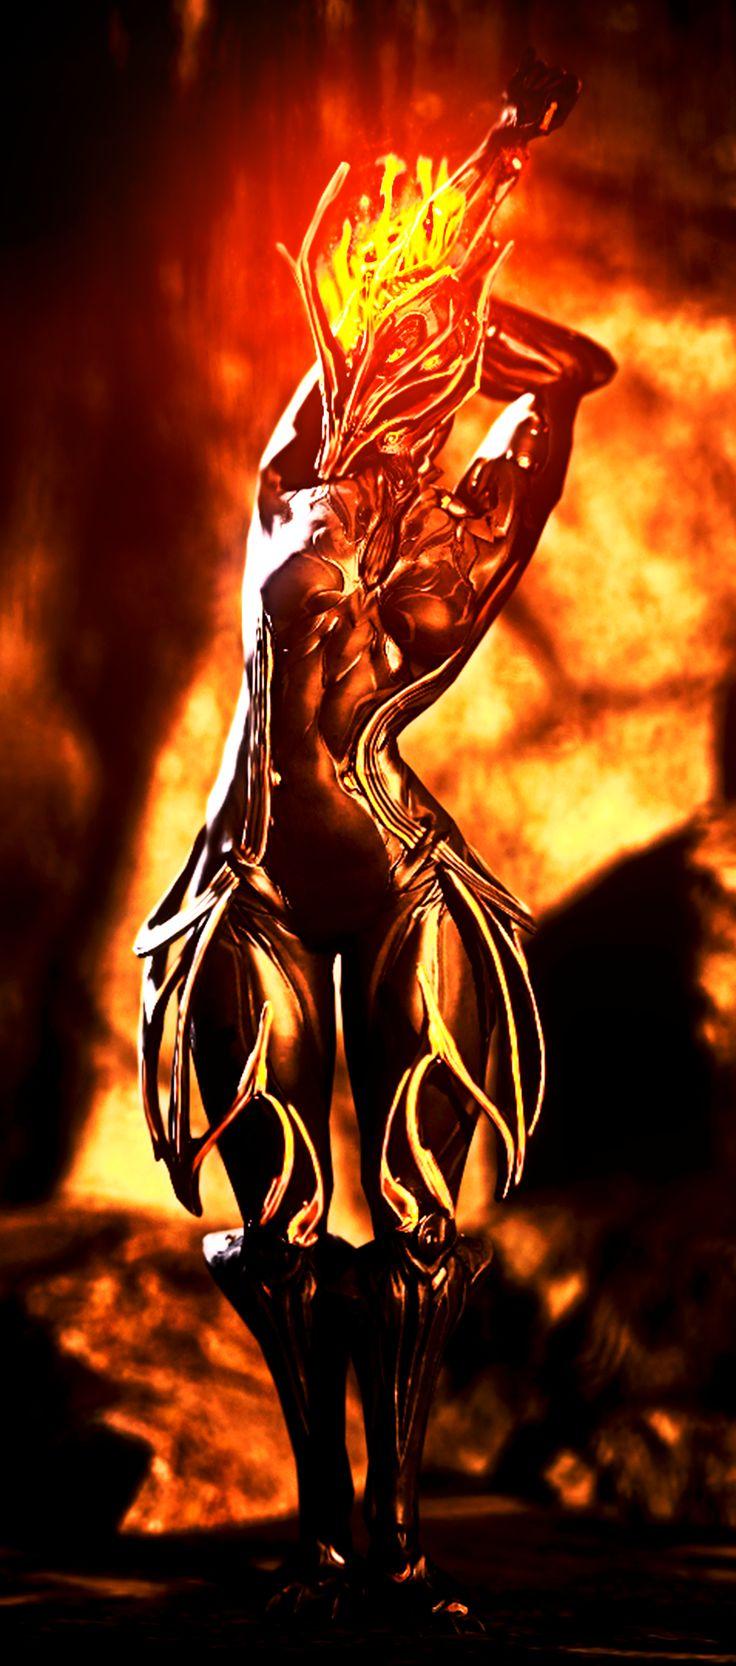 Warframe : Ember , The Goddess Of Firestorm by AnoobArak94